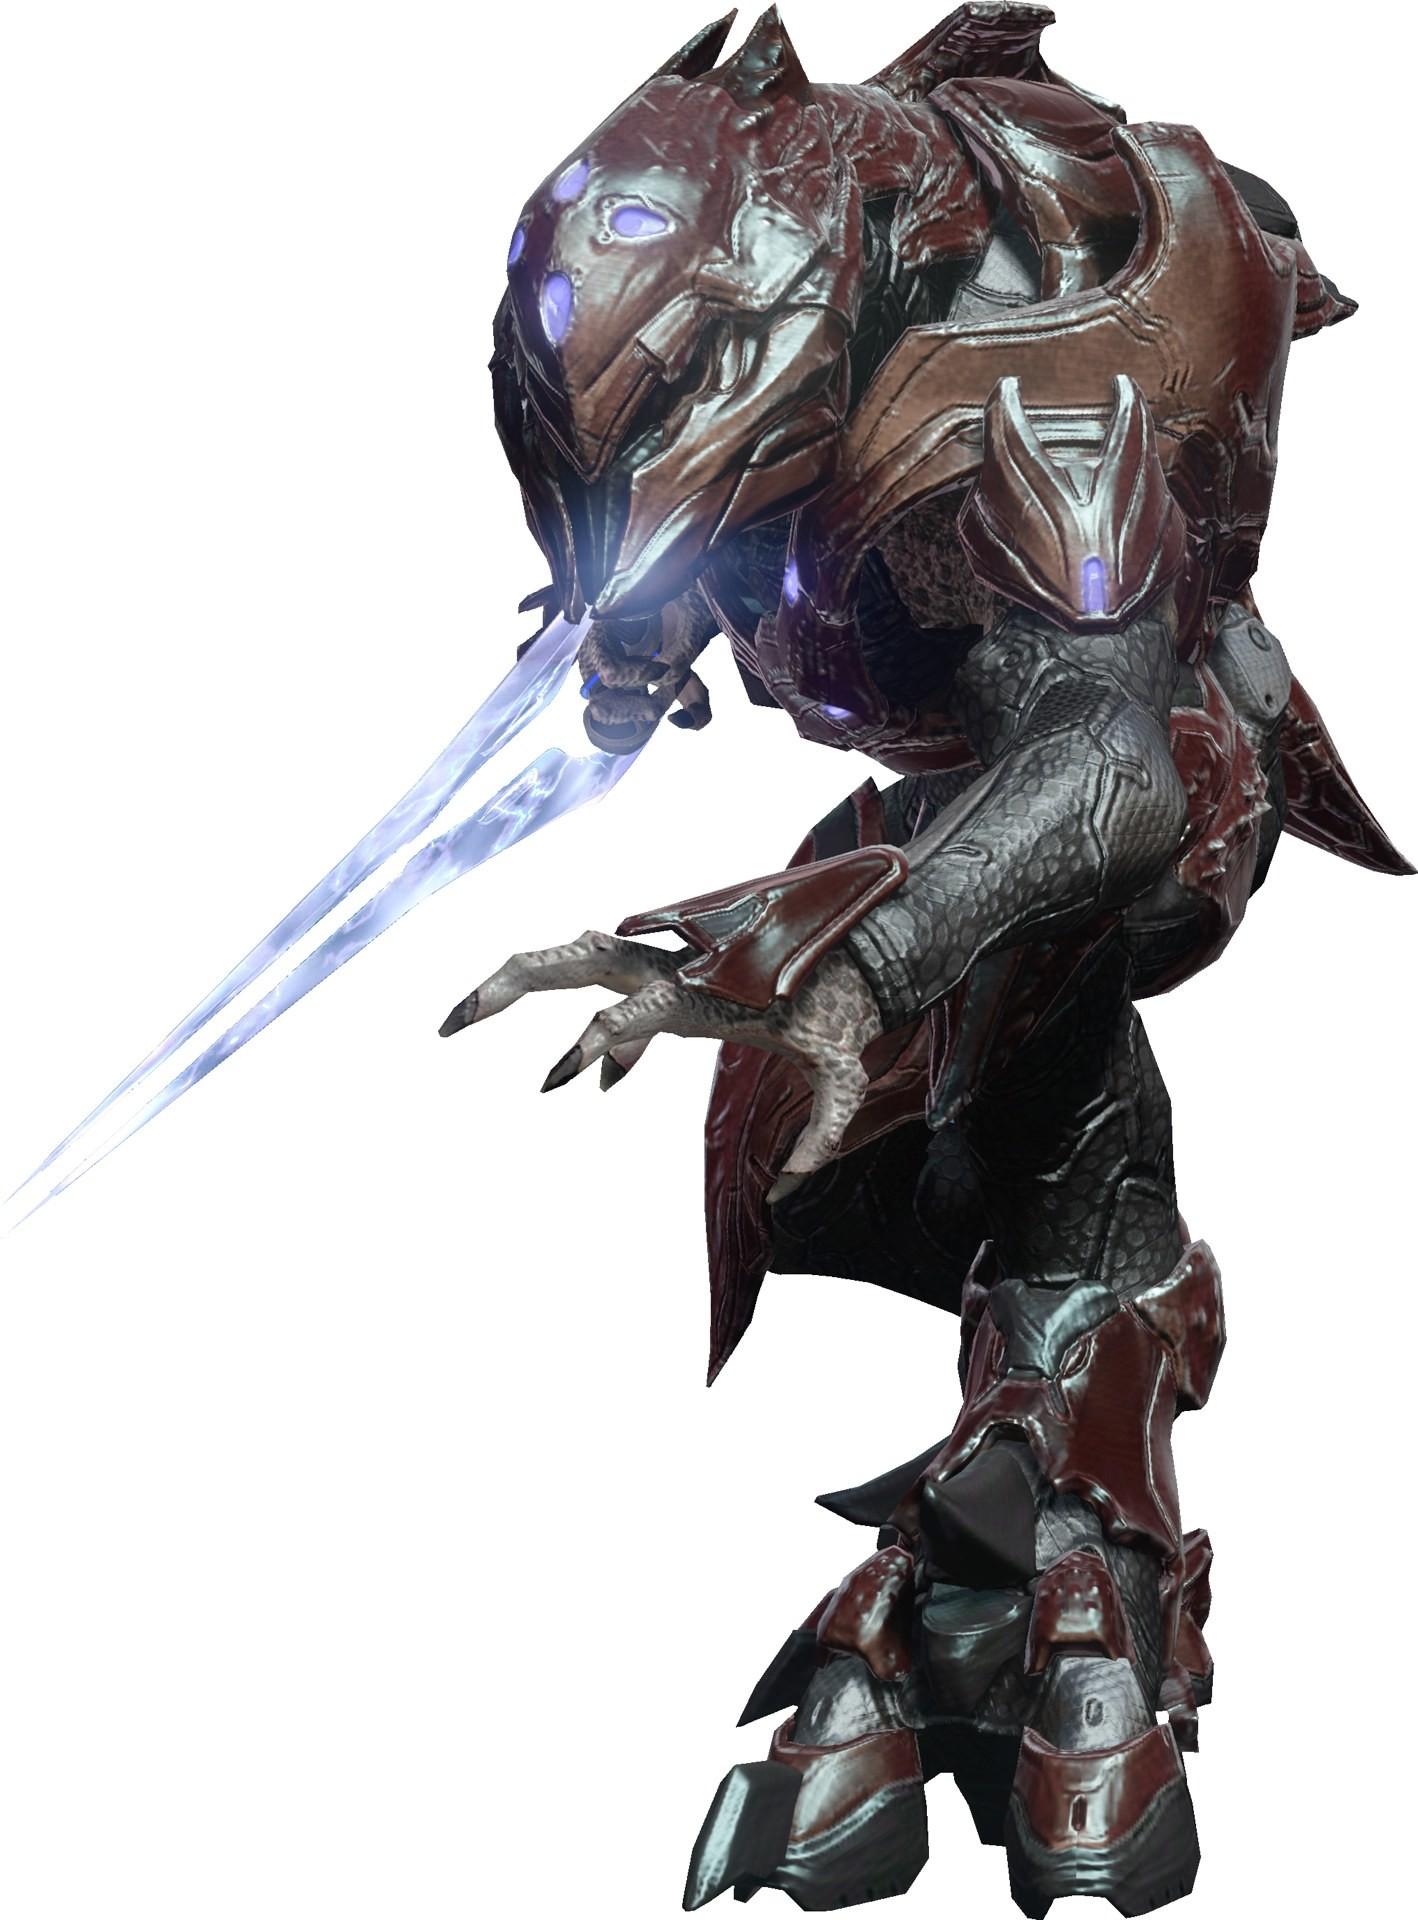 halo 4 elite zelot w/ energy sword looks awesome